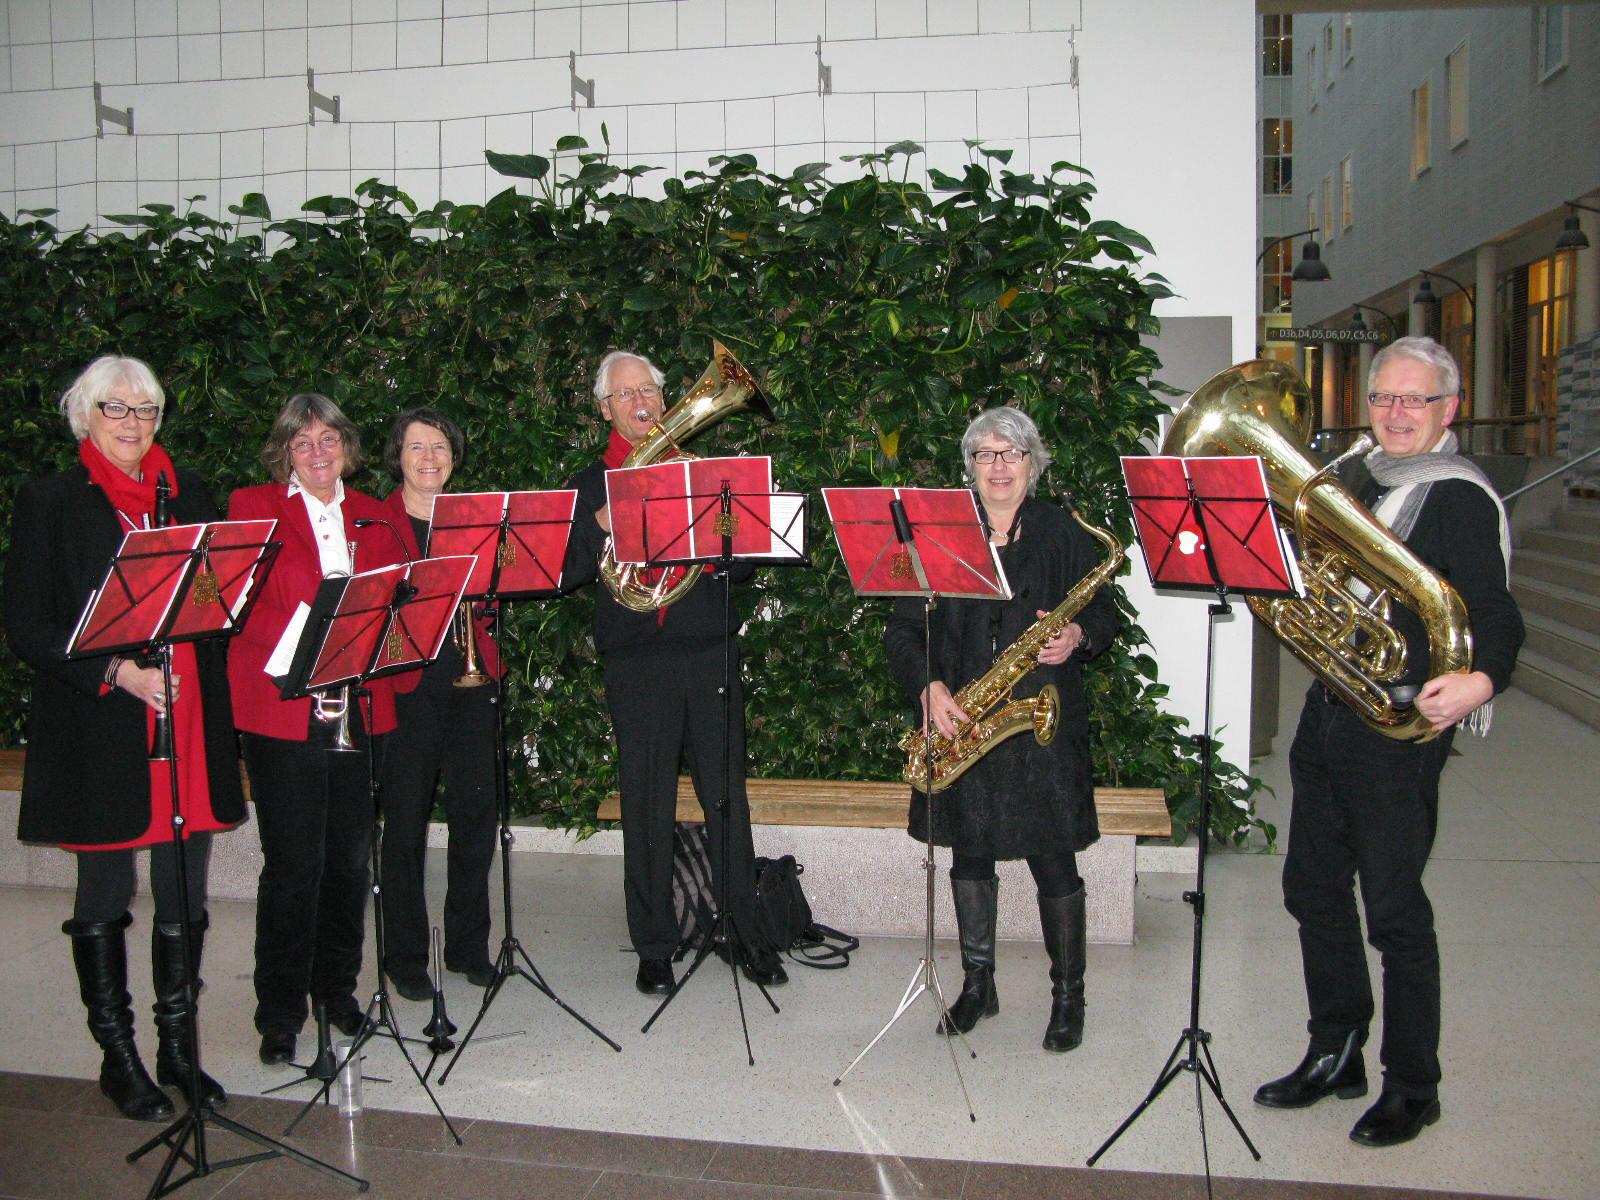 Julaftenspill på Rikshospitalet i 2012.